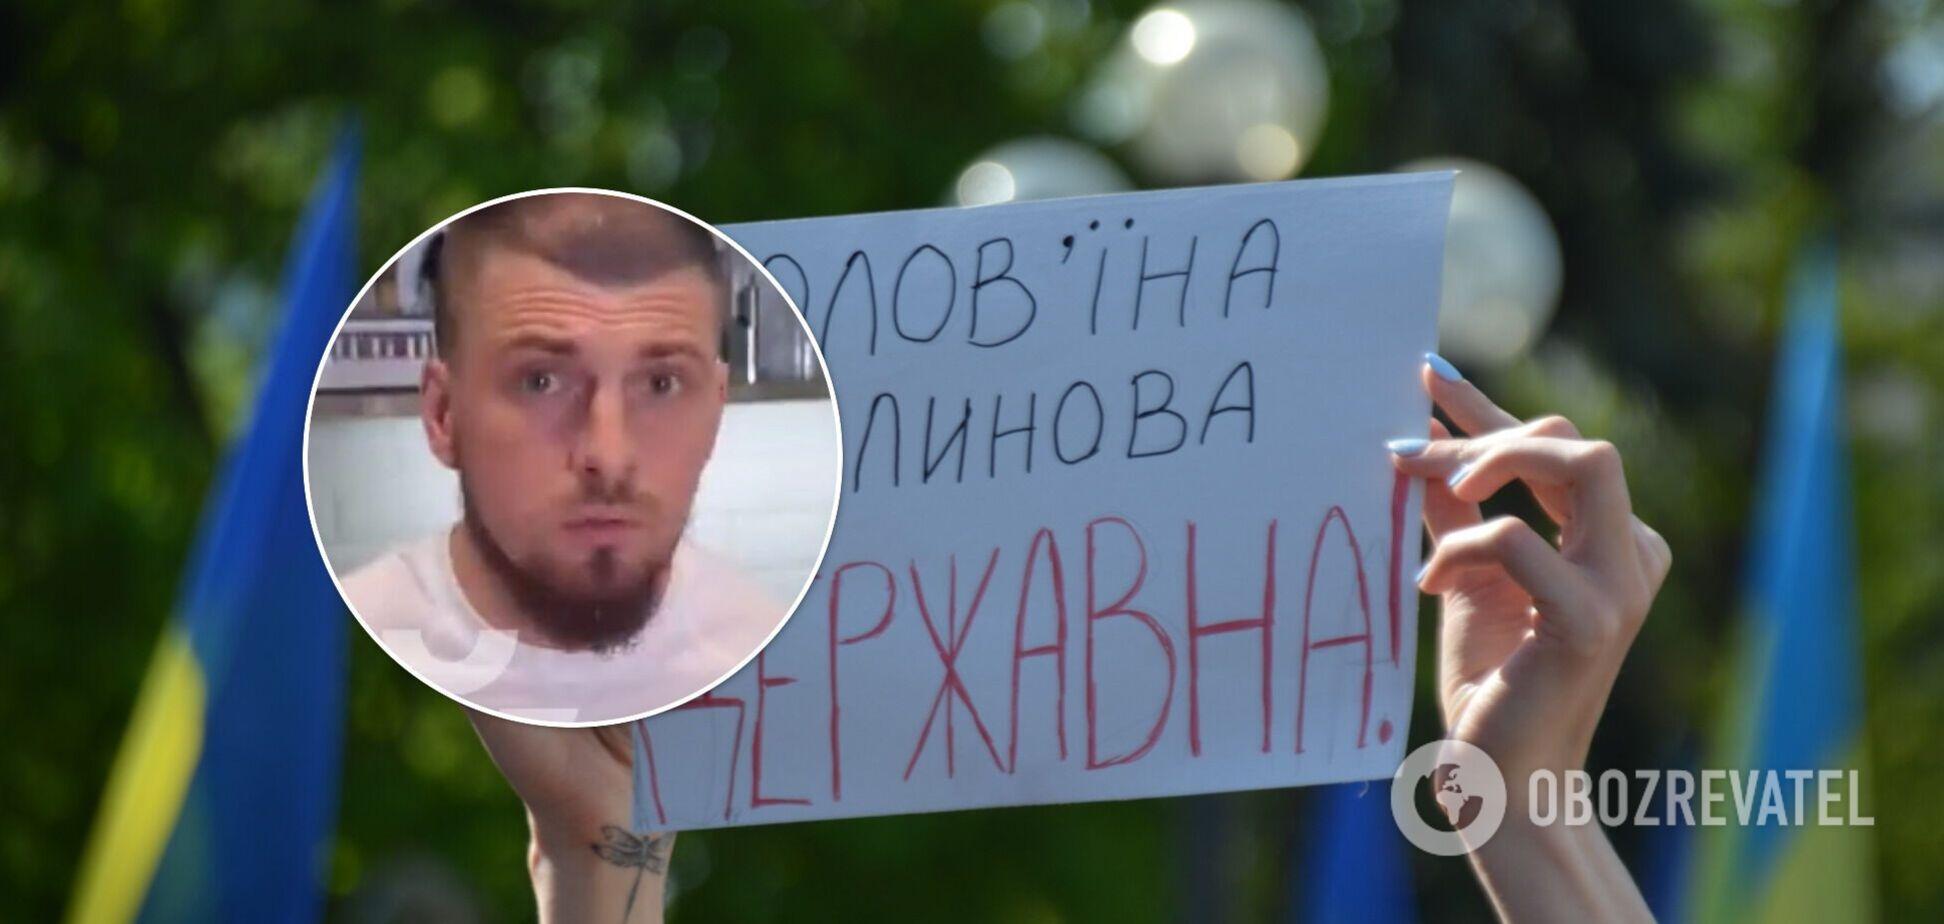 Дражнив і кривлявся: в Харкові адміністратор кафе відмовився обслуговувати клієнтів українською мовою. Відео